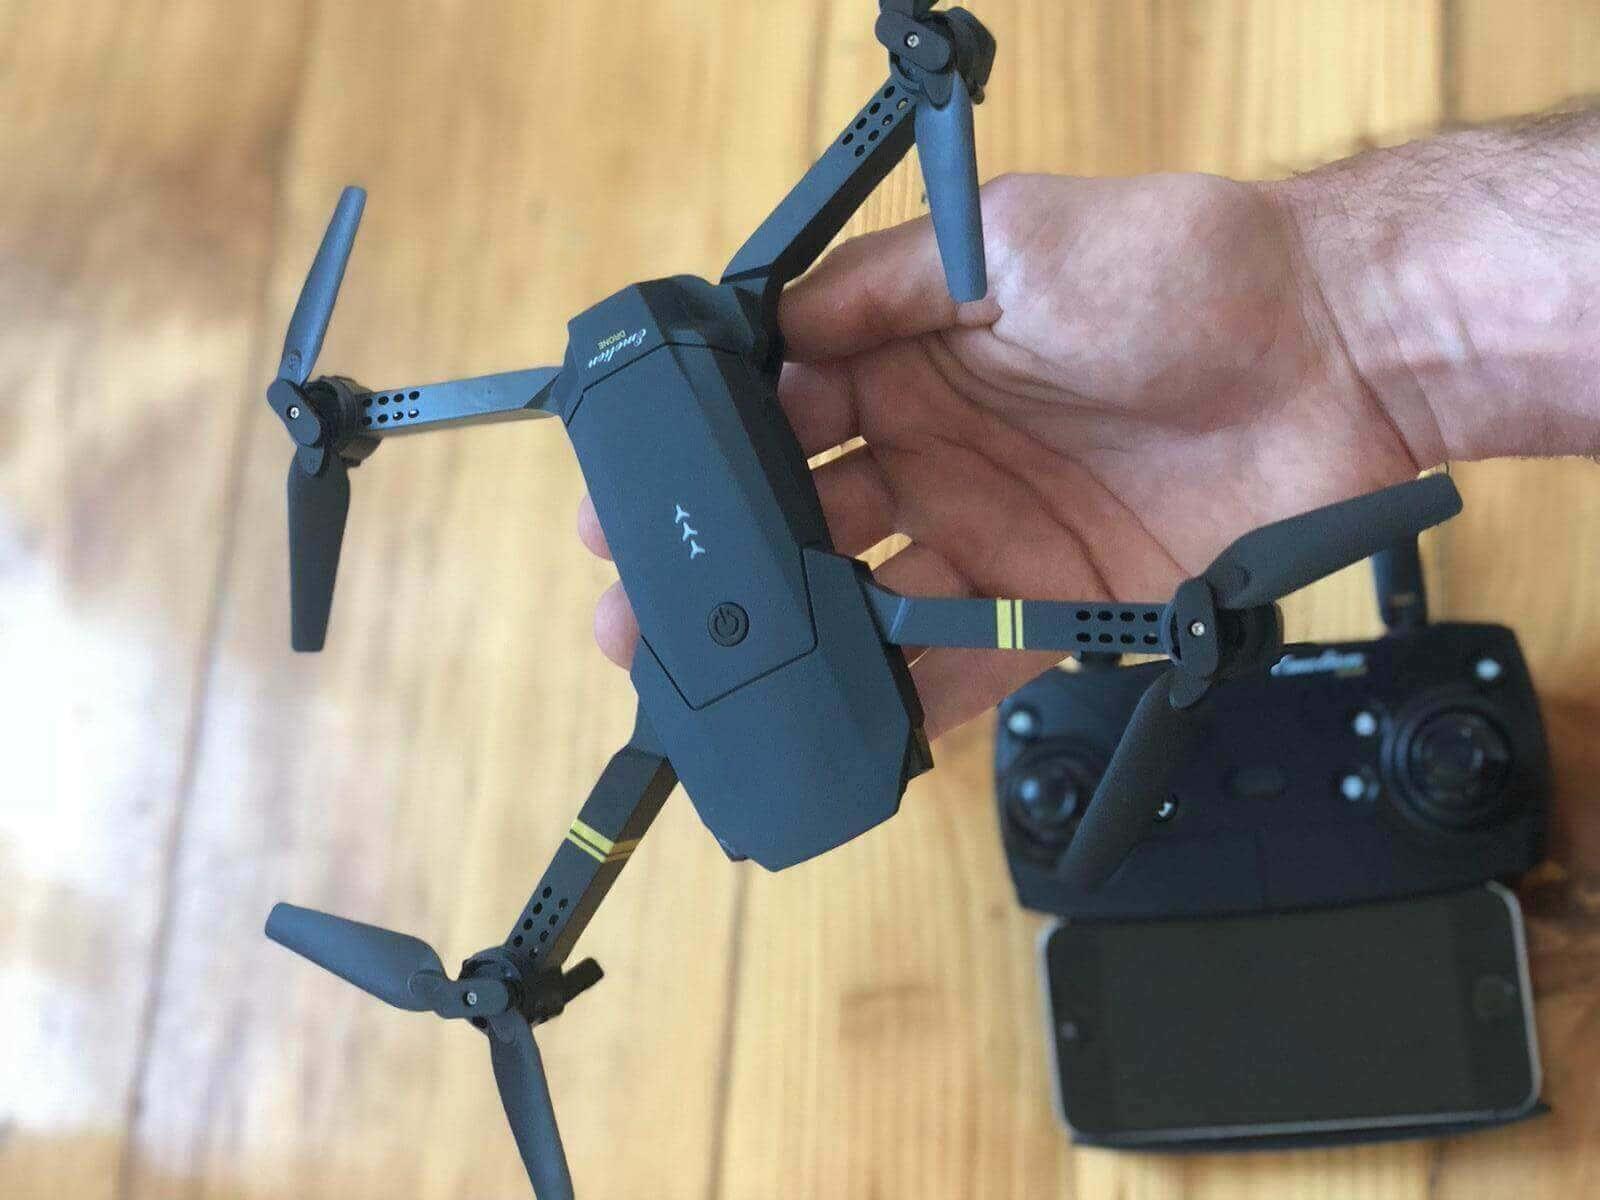 X Drone Hd legit